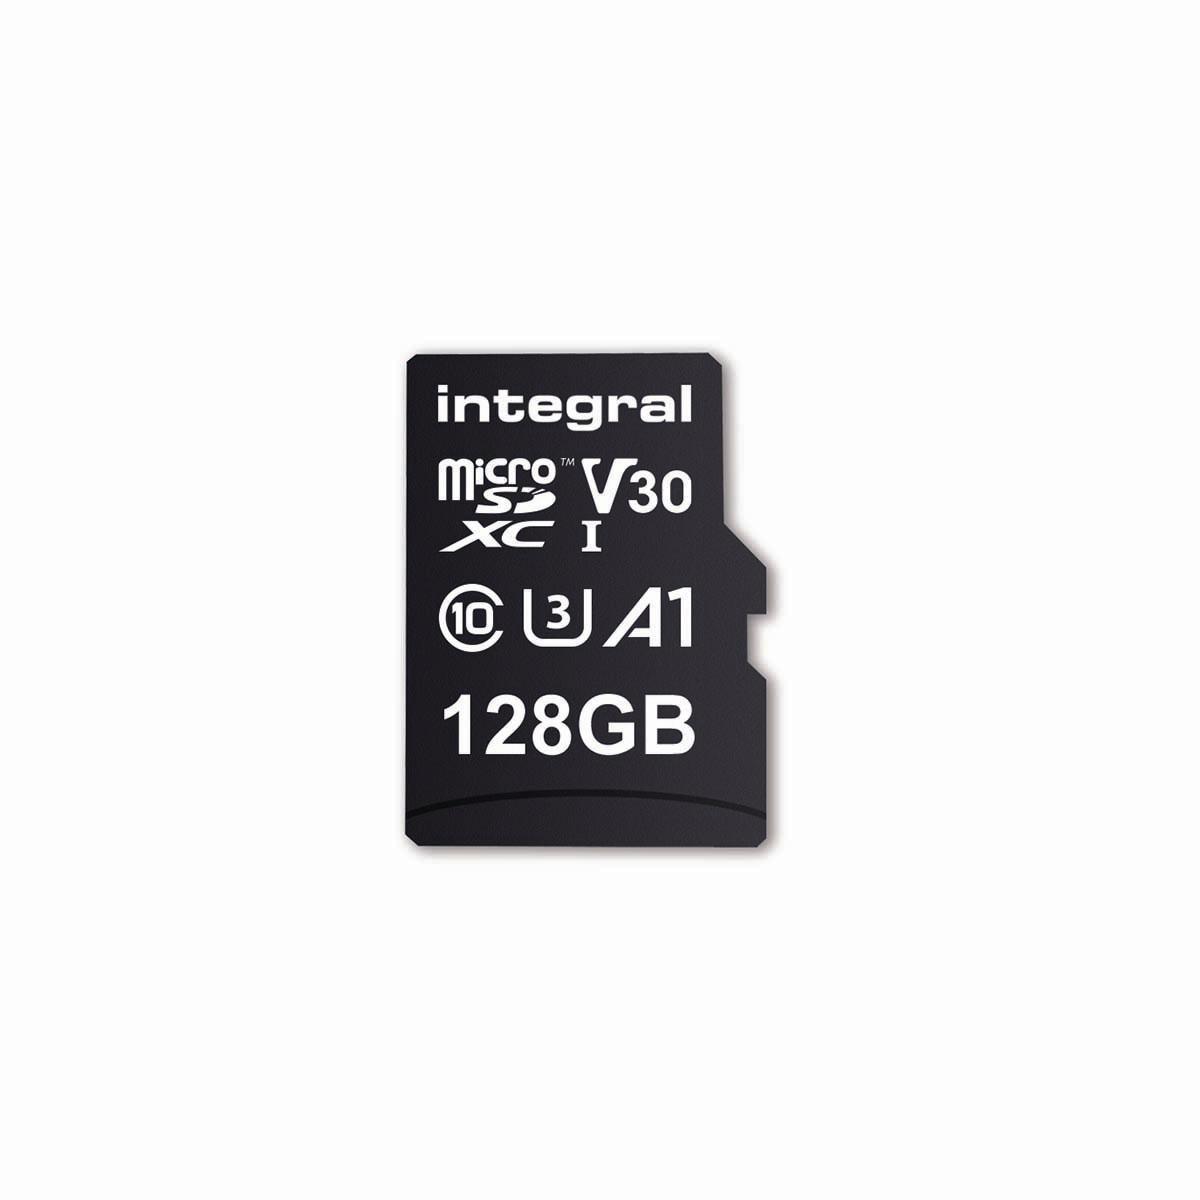 microSDXC / SD Minnekort V30 128 GB